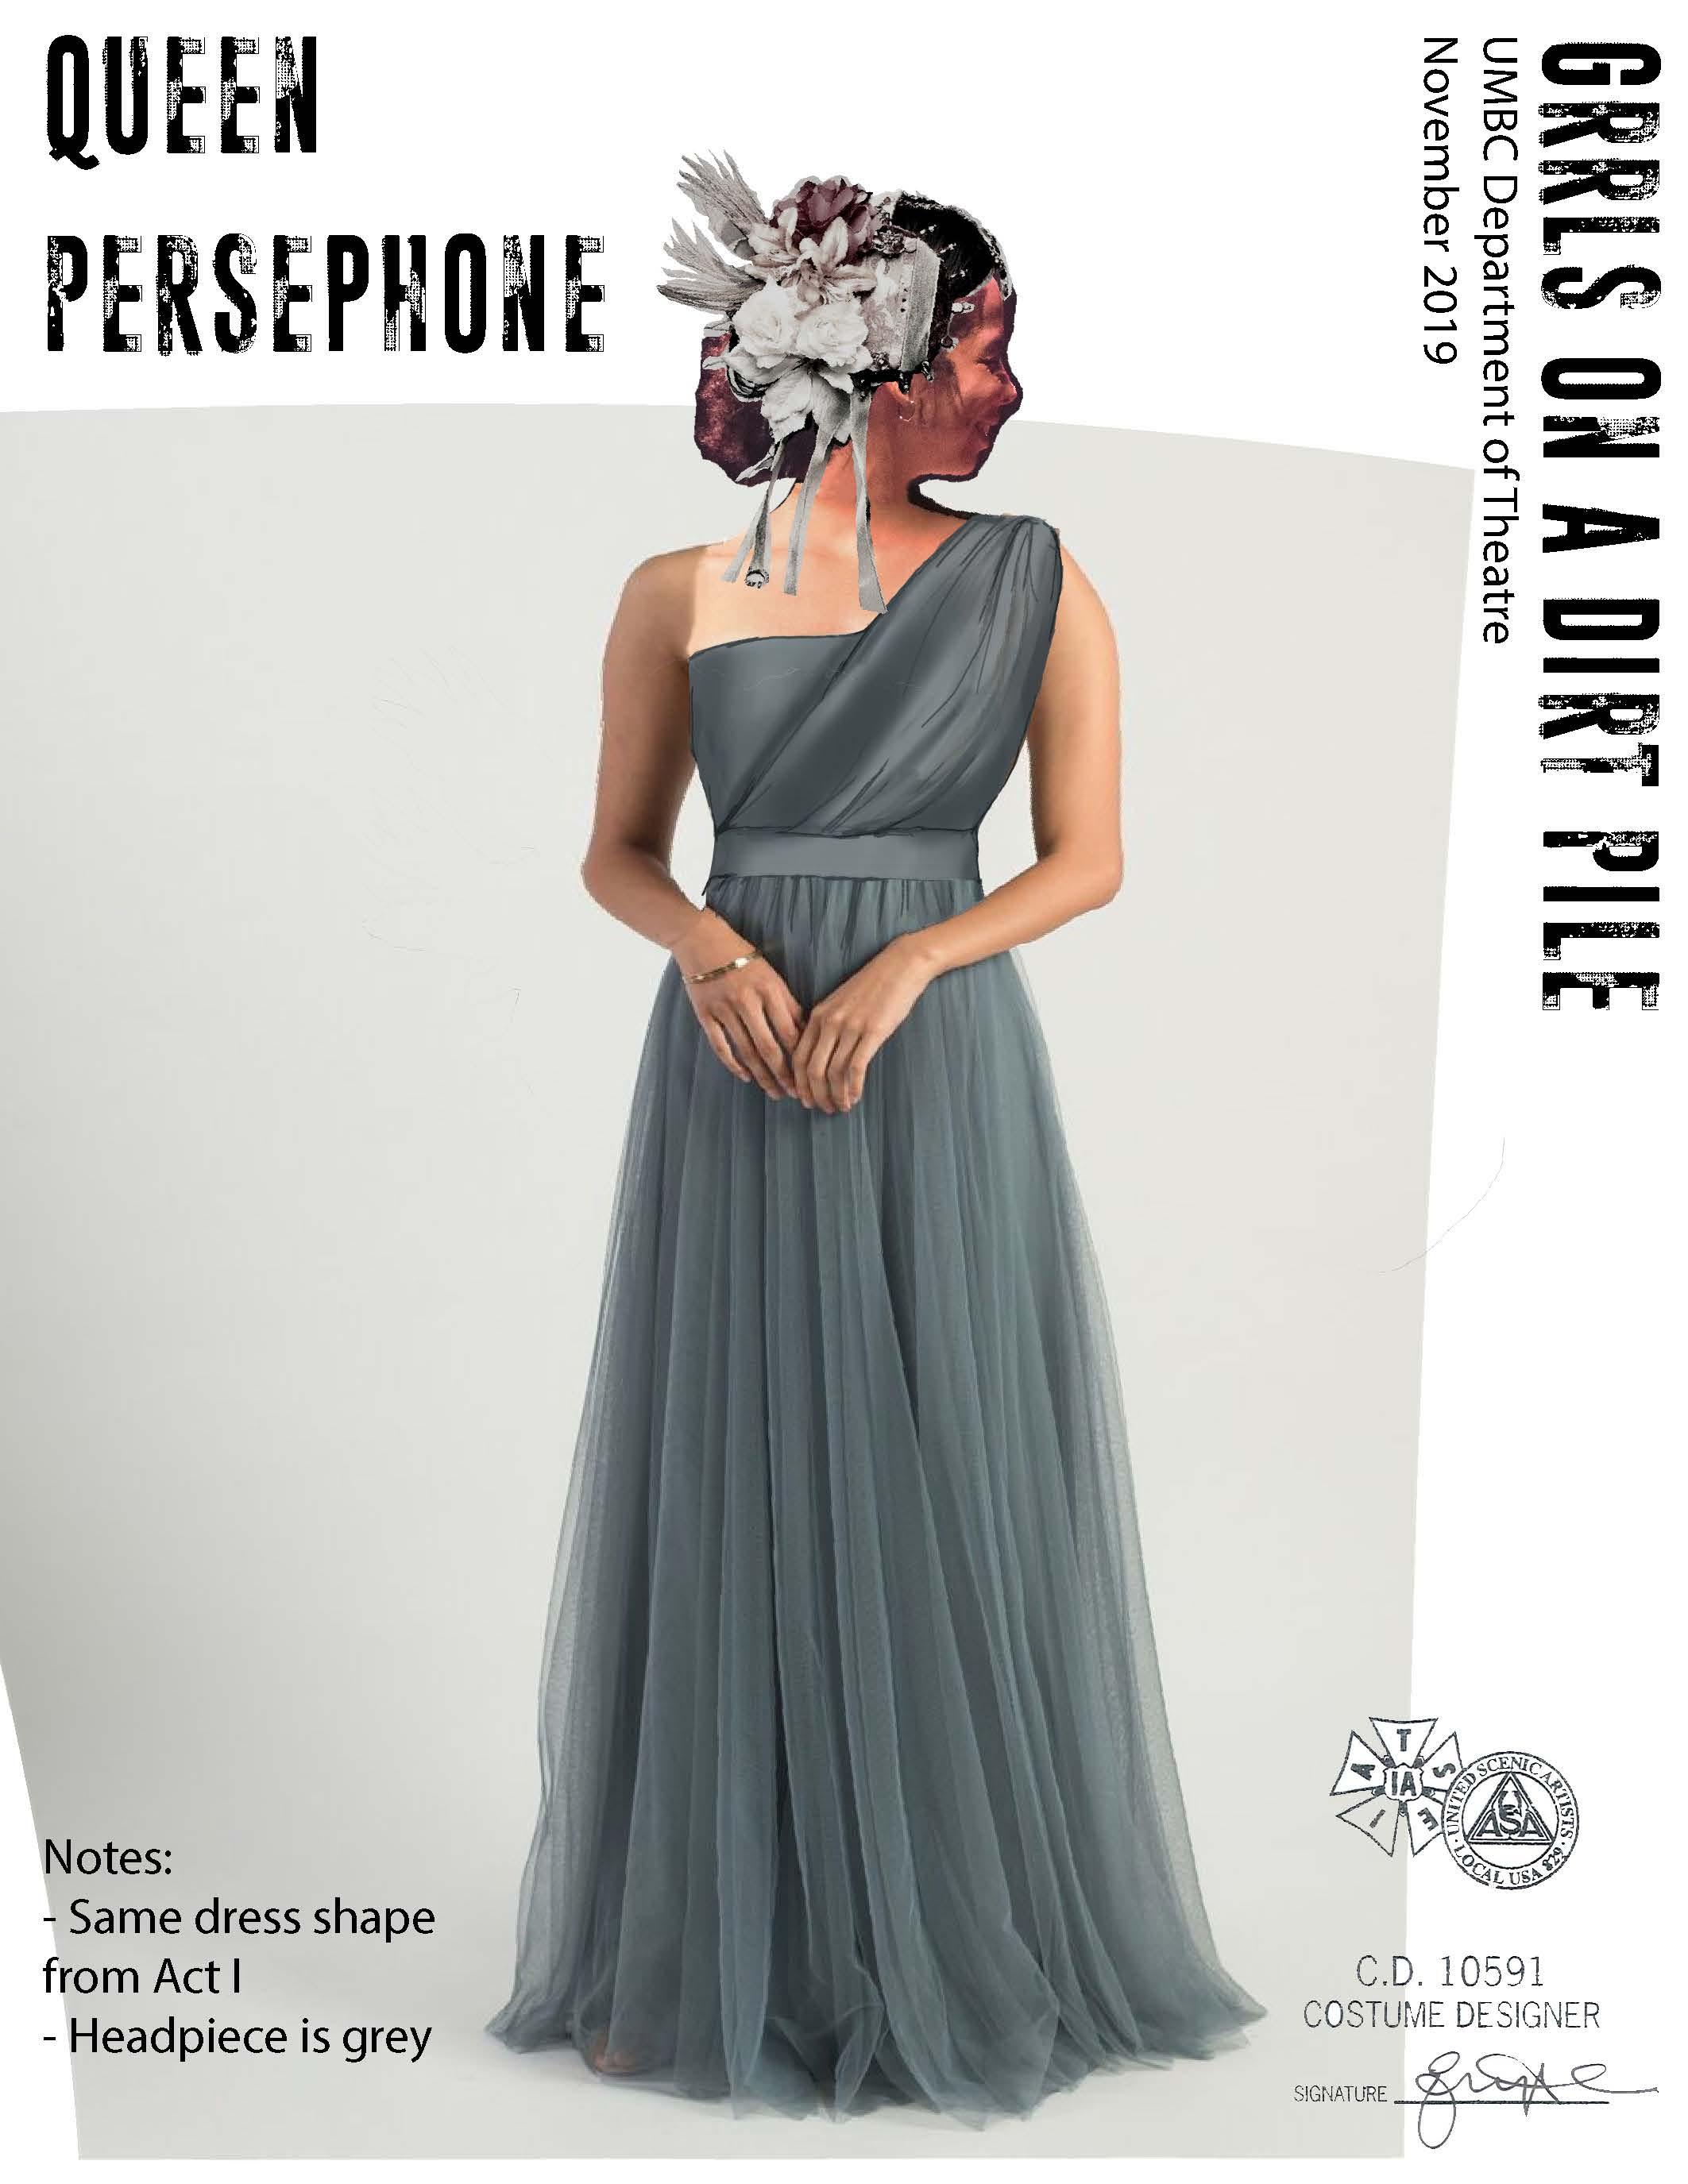 Persephone Act II